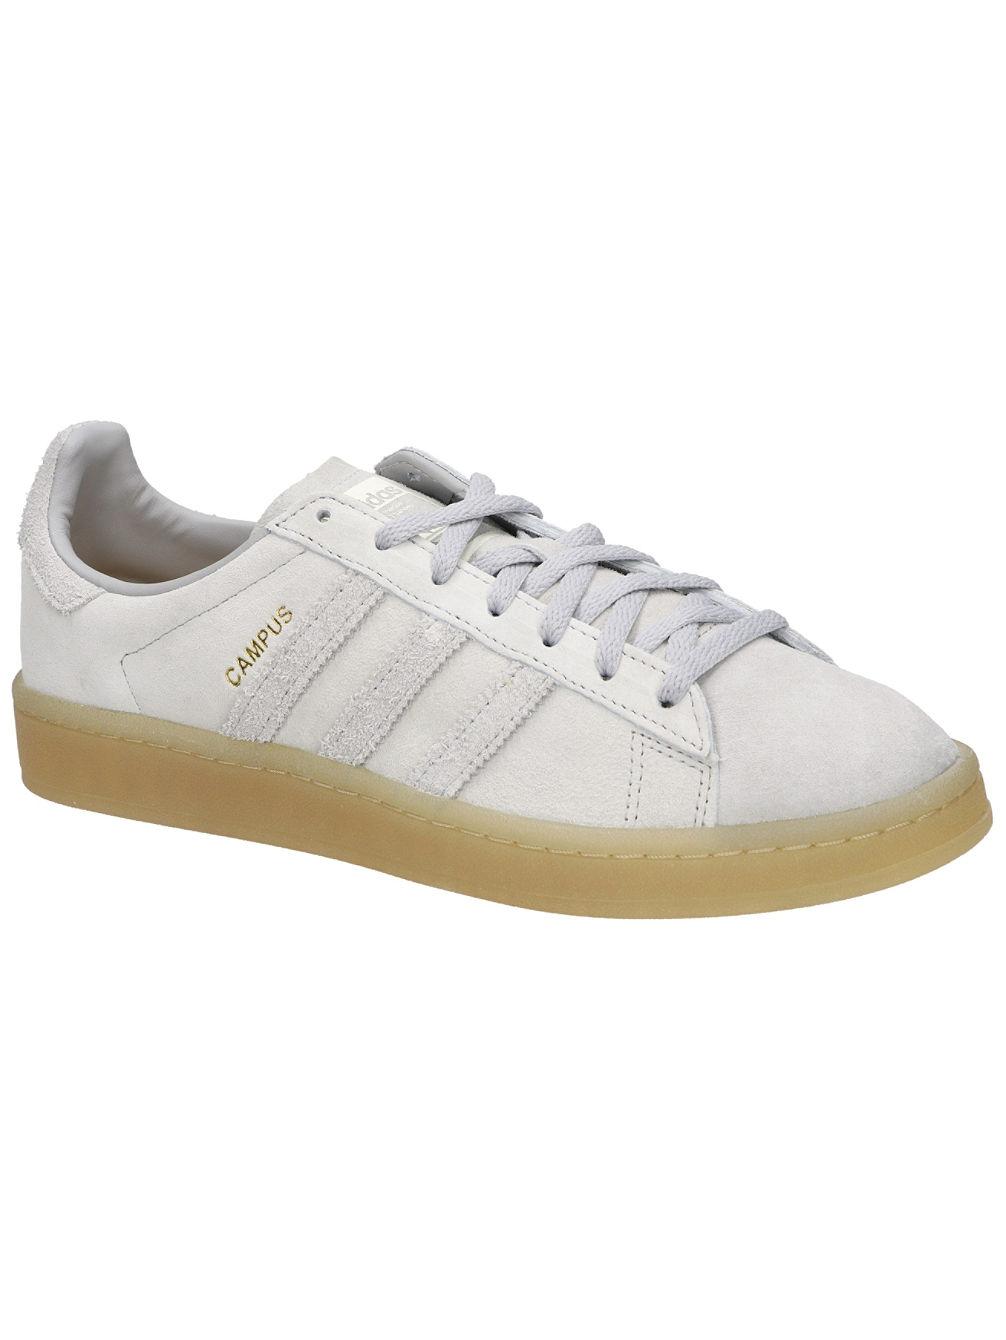 96ba42ba4812 adidas Originals Campus W Sneakers Women